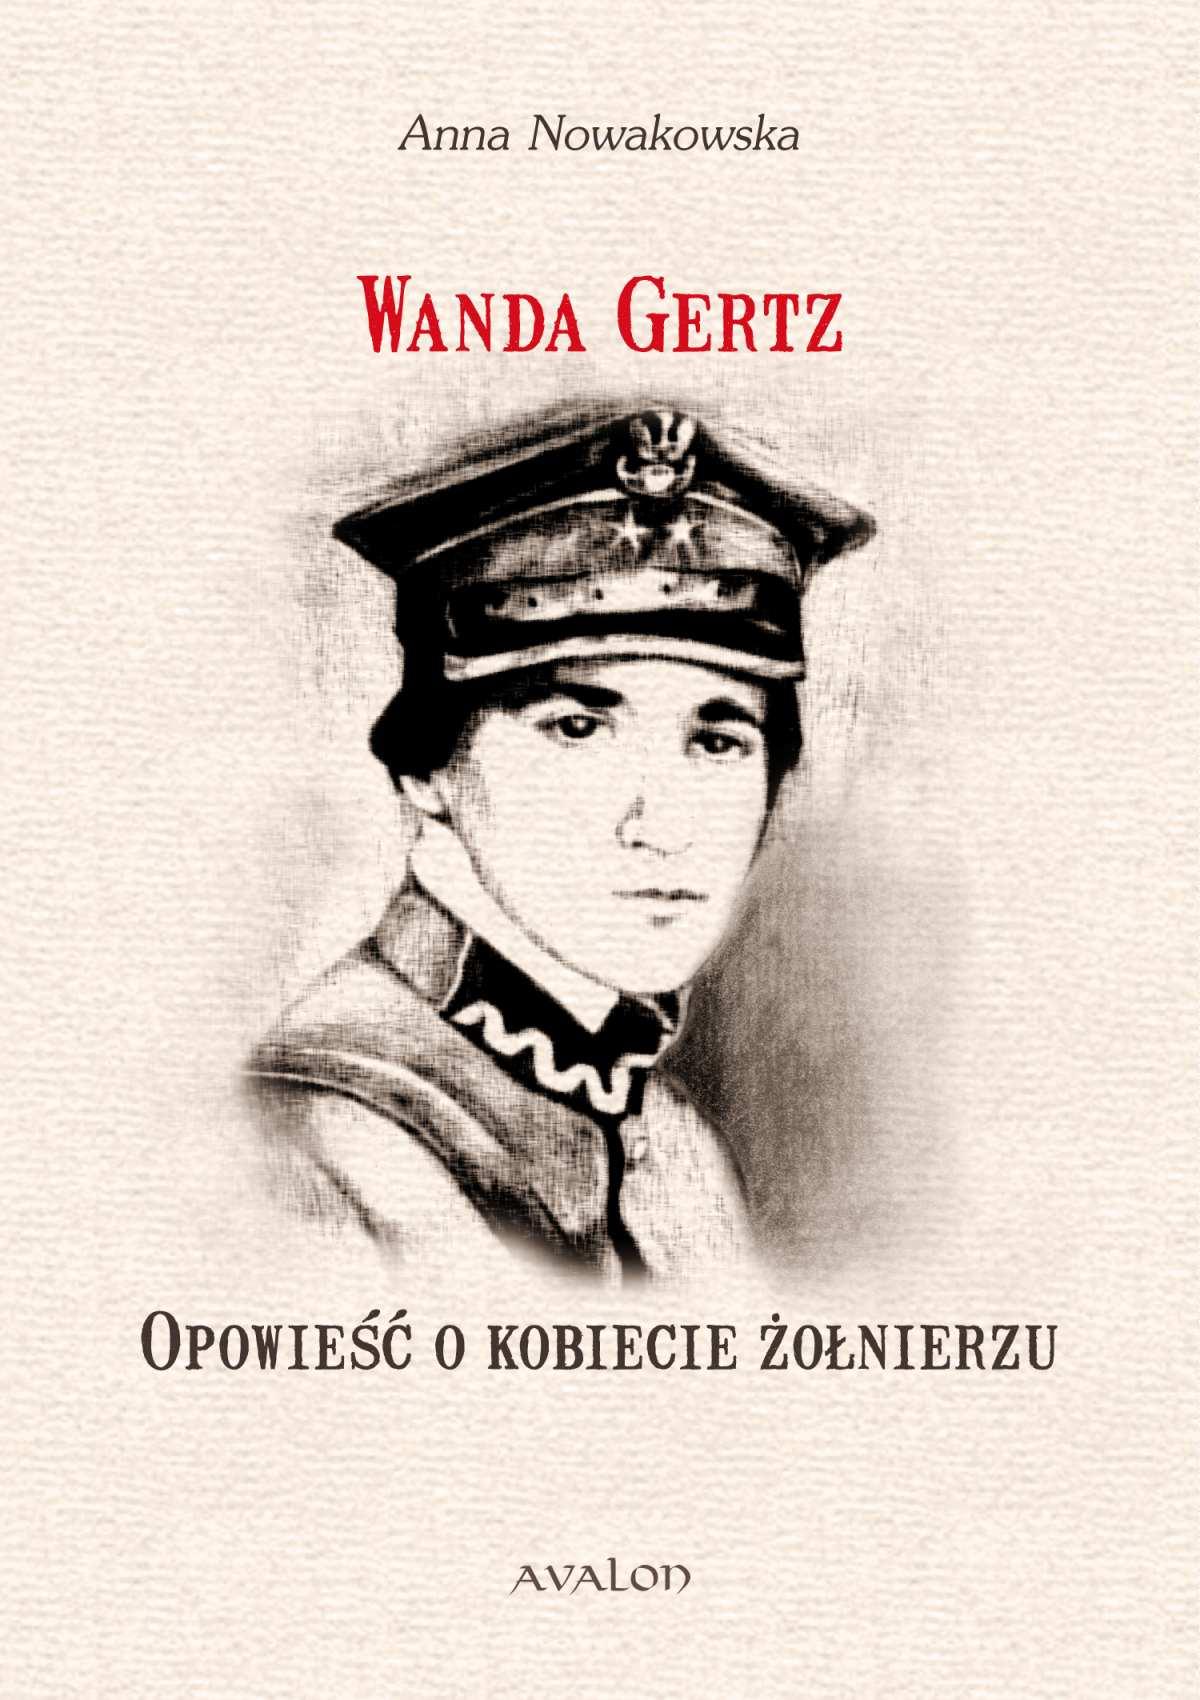 Wanda Gertz. Opowieść o kobiecie żołnierzu - Ebook (Książka PDF) do pobrania w formacie PDF